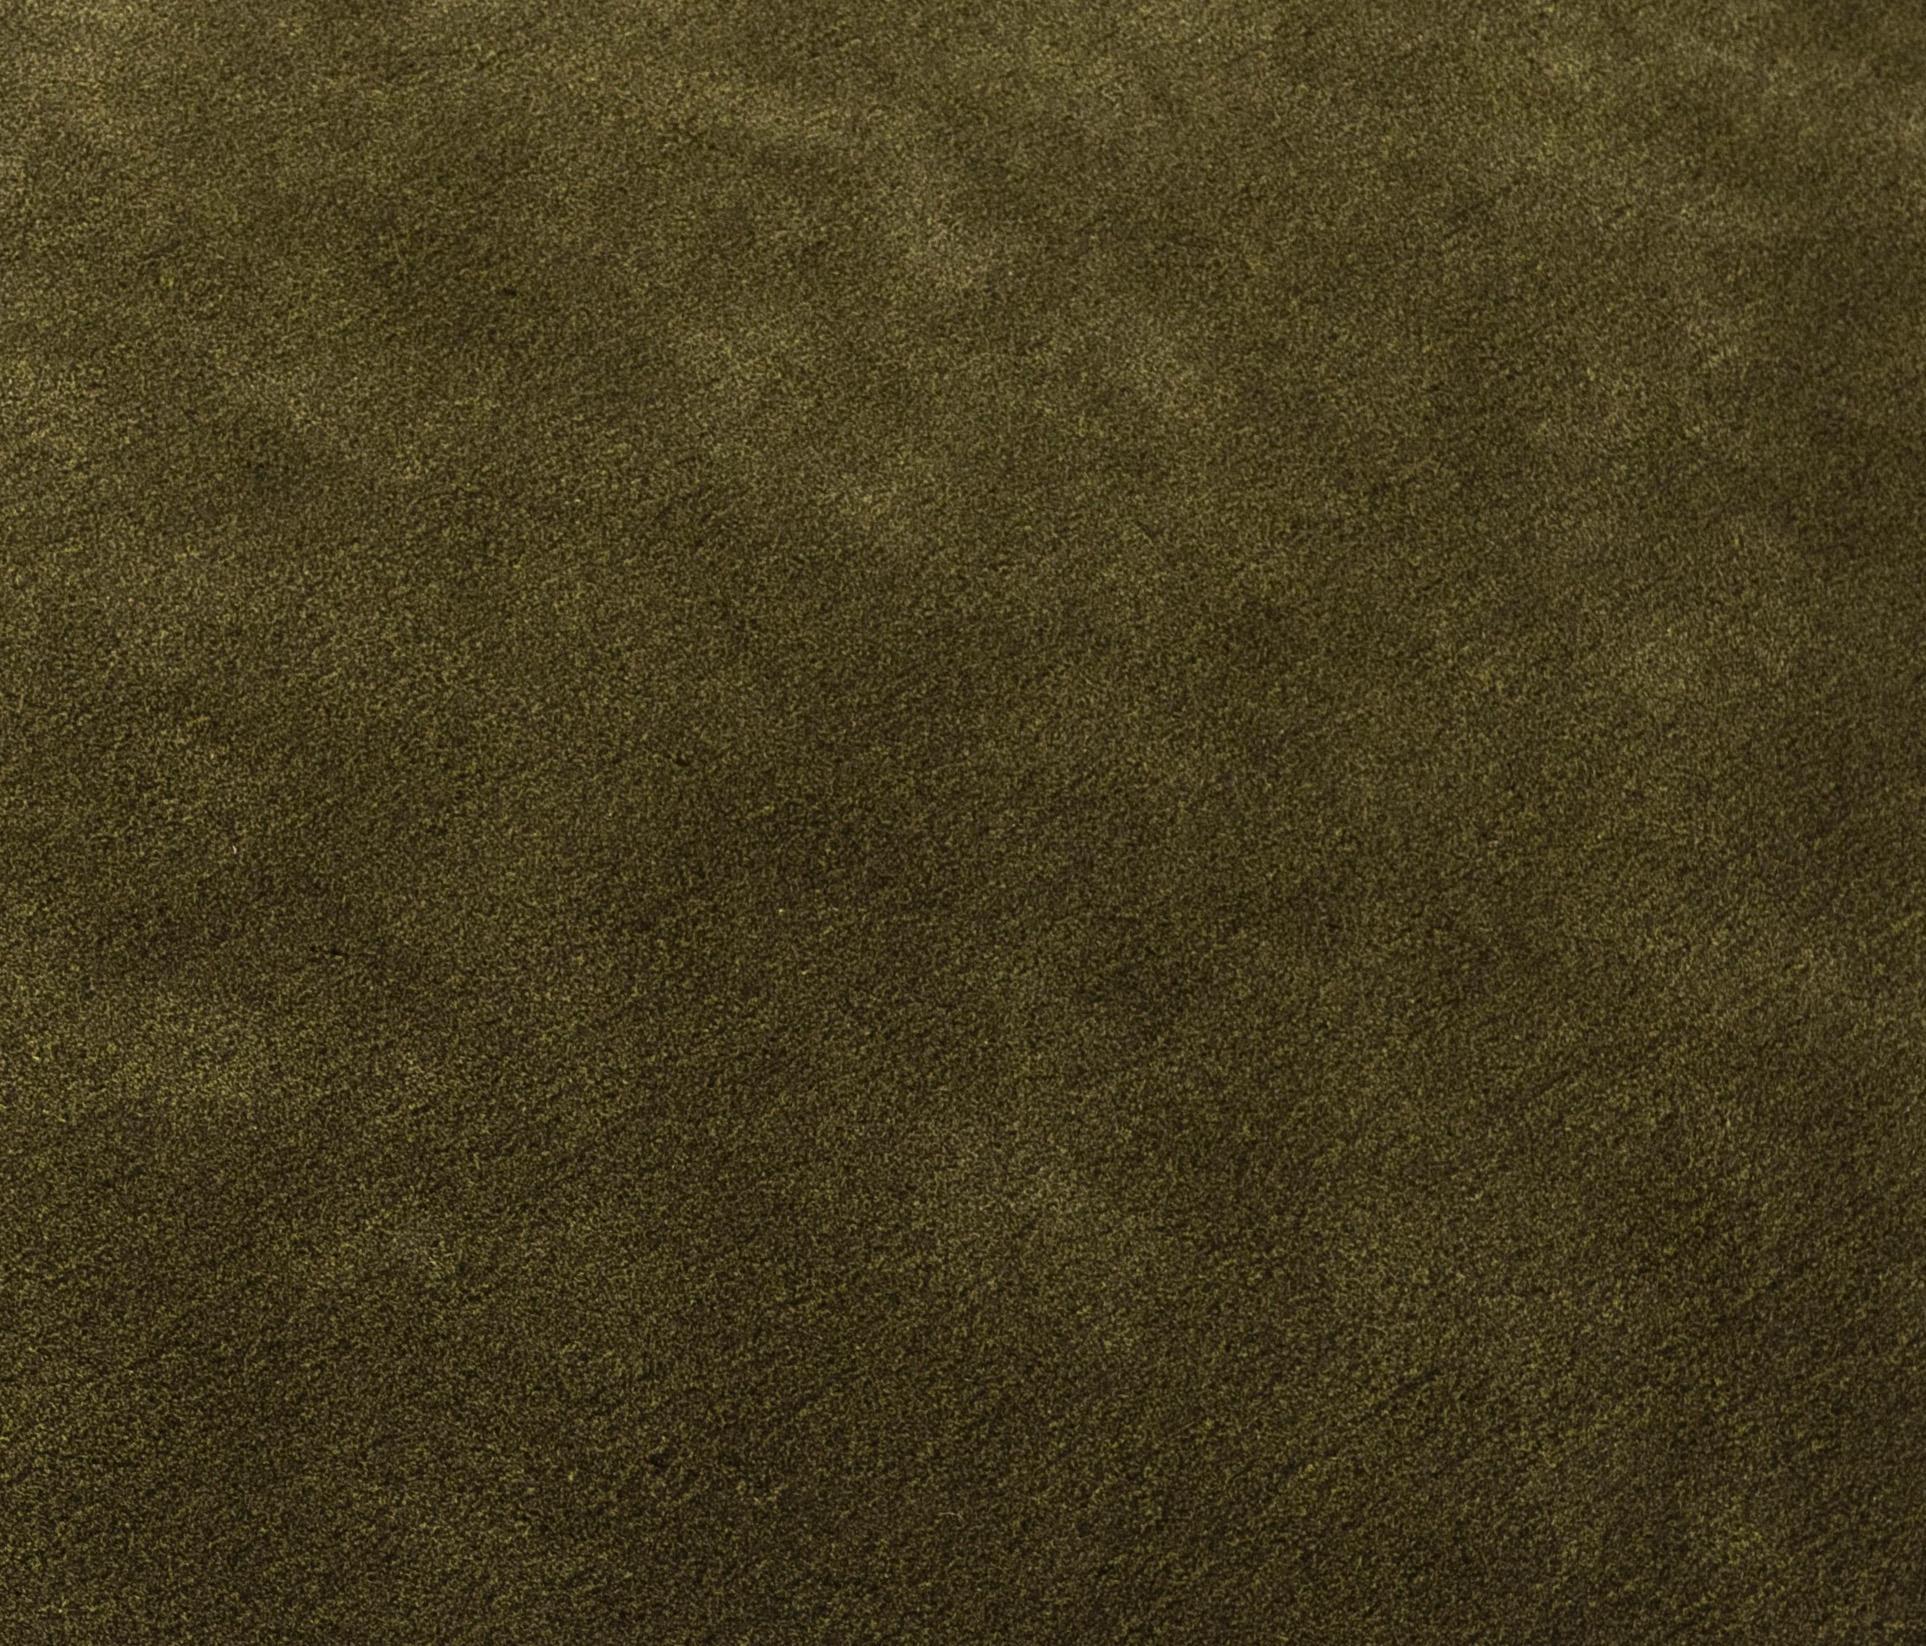 beach teppich formatteppiche designerteppiche von linteloo architonic. Black Bedroom Furniture Sets. Home Design Ideas